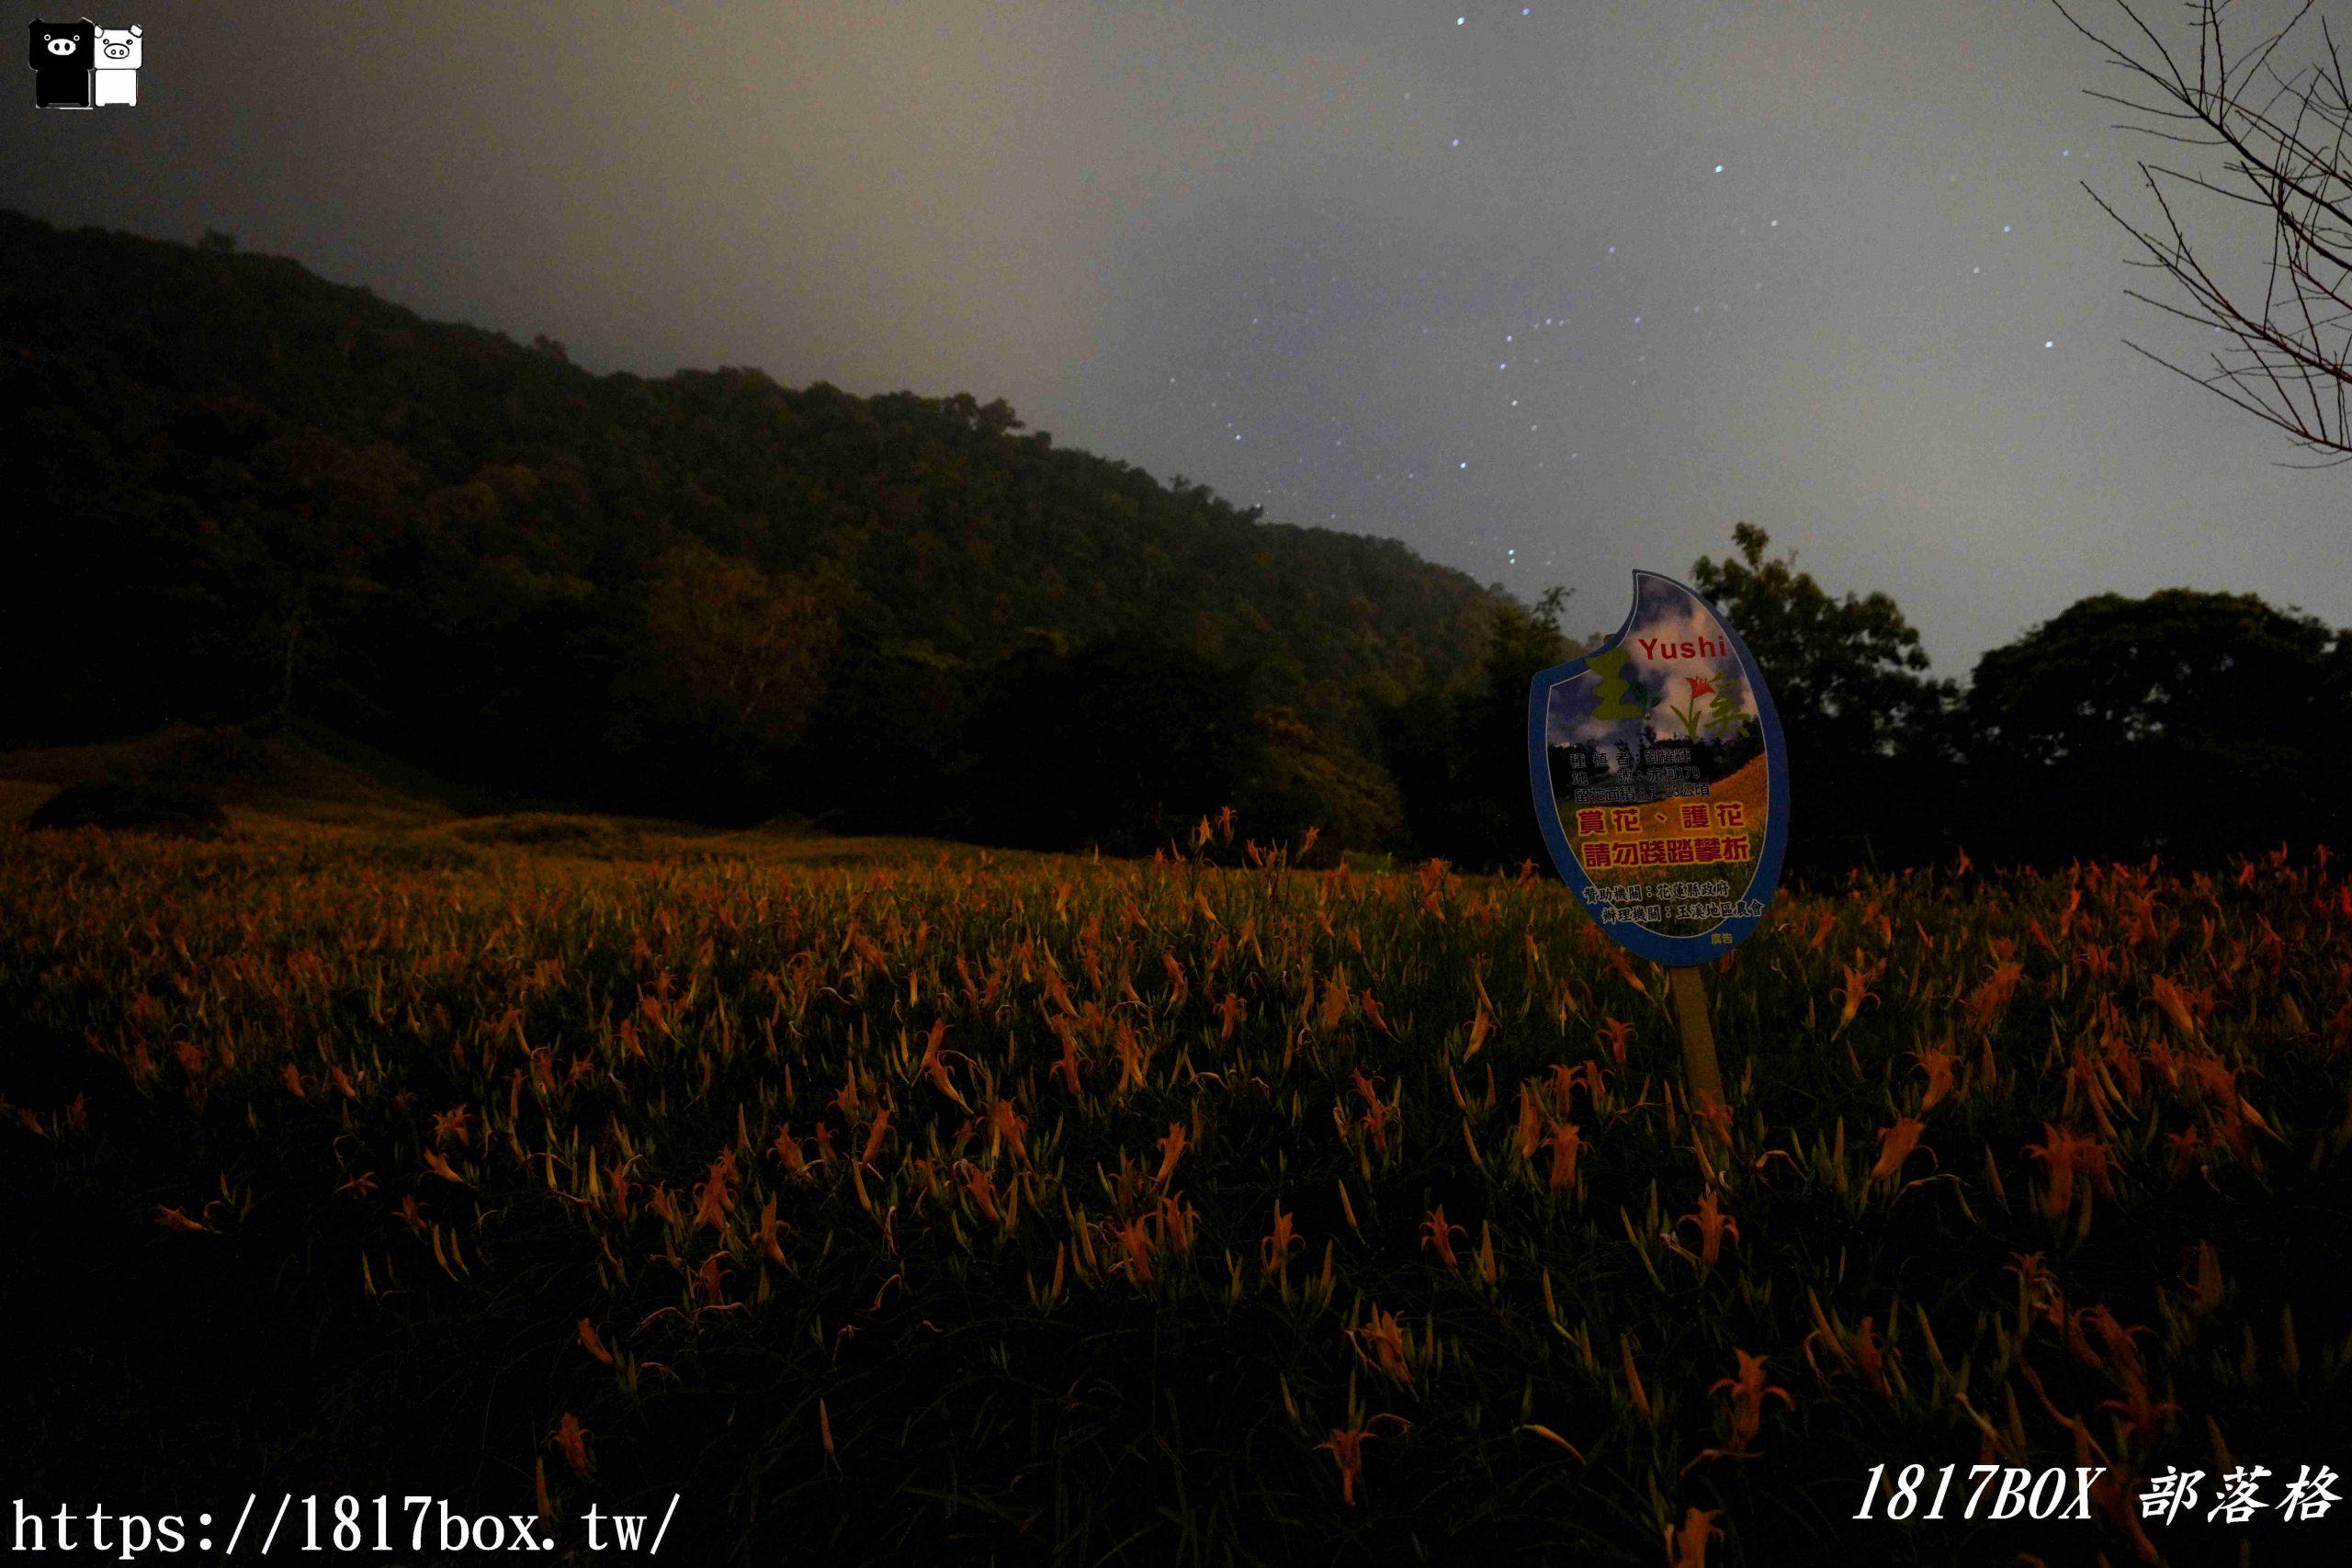 【花蓮。玉里】夜拍赤科山金針花海。星空銀河X螢火蟲與花海相伴 @1817BOX部落格